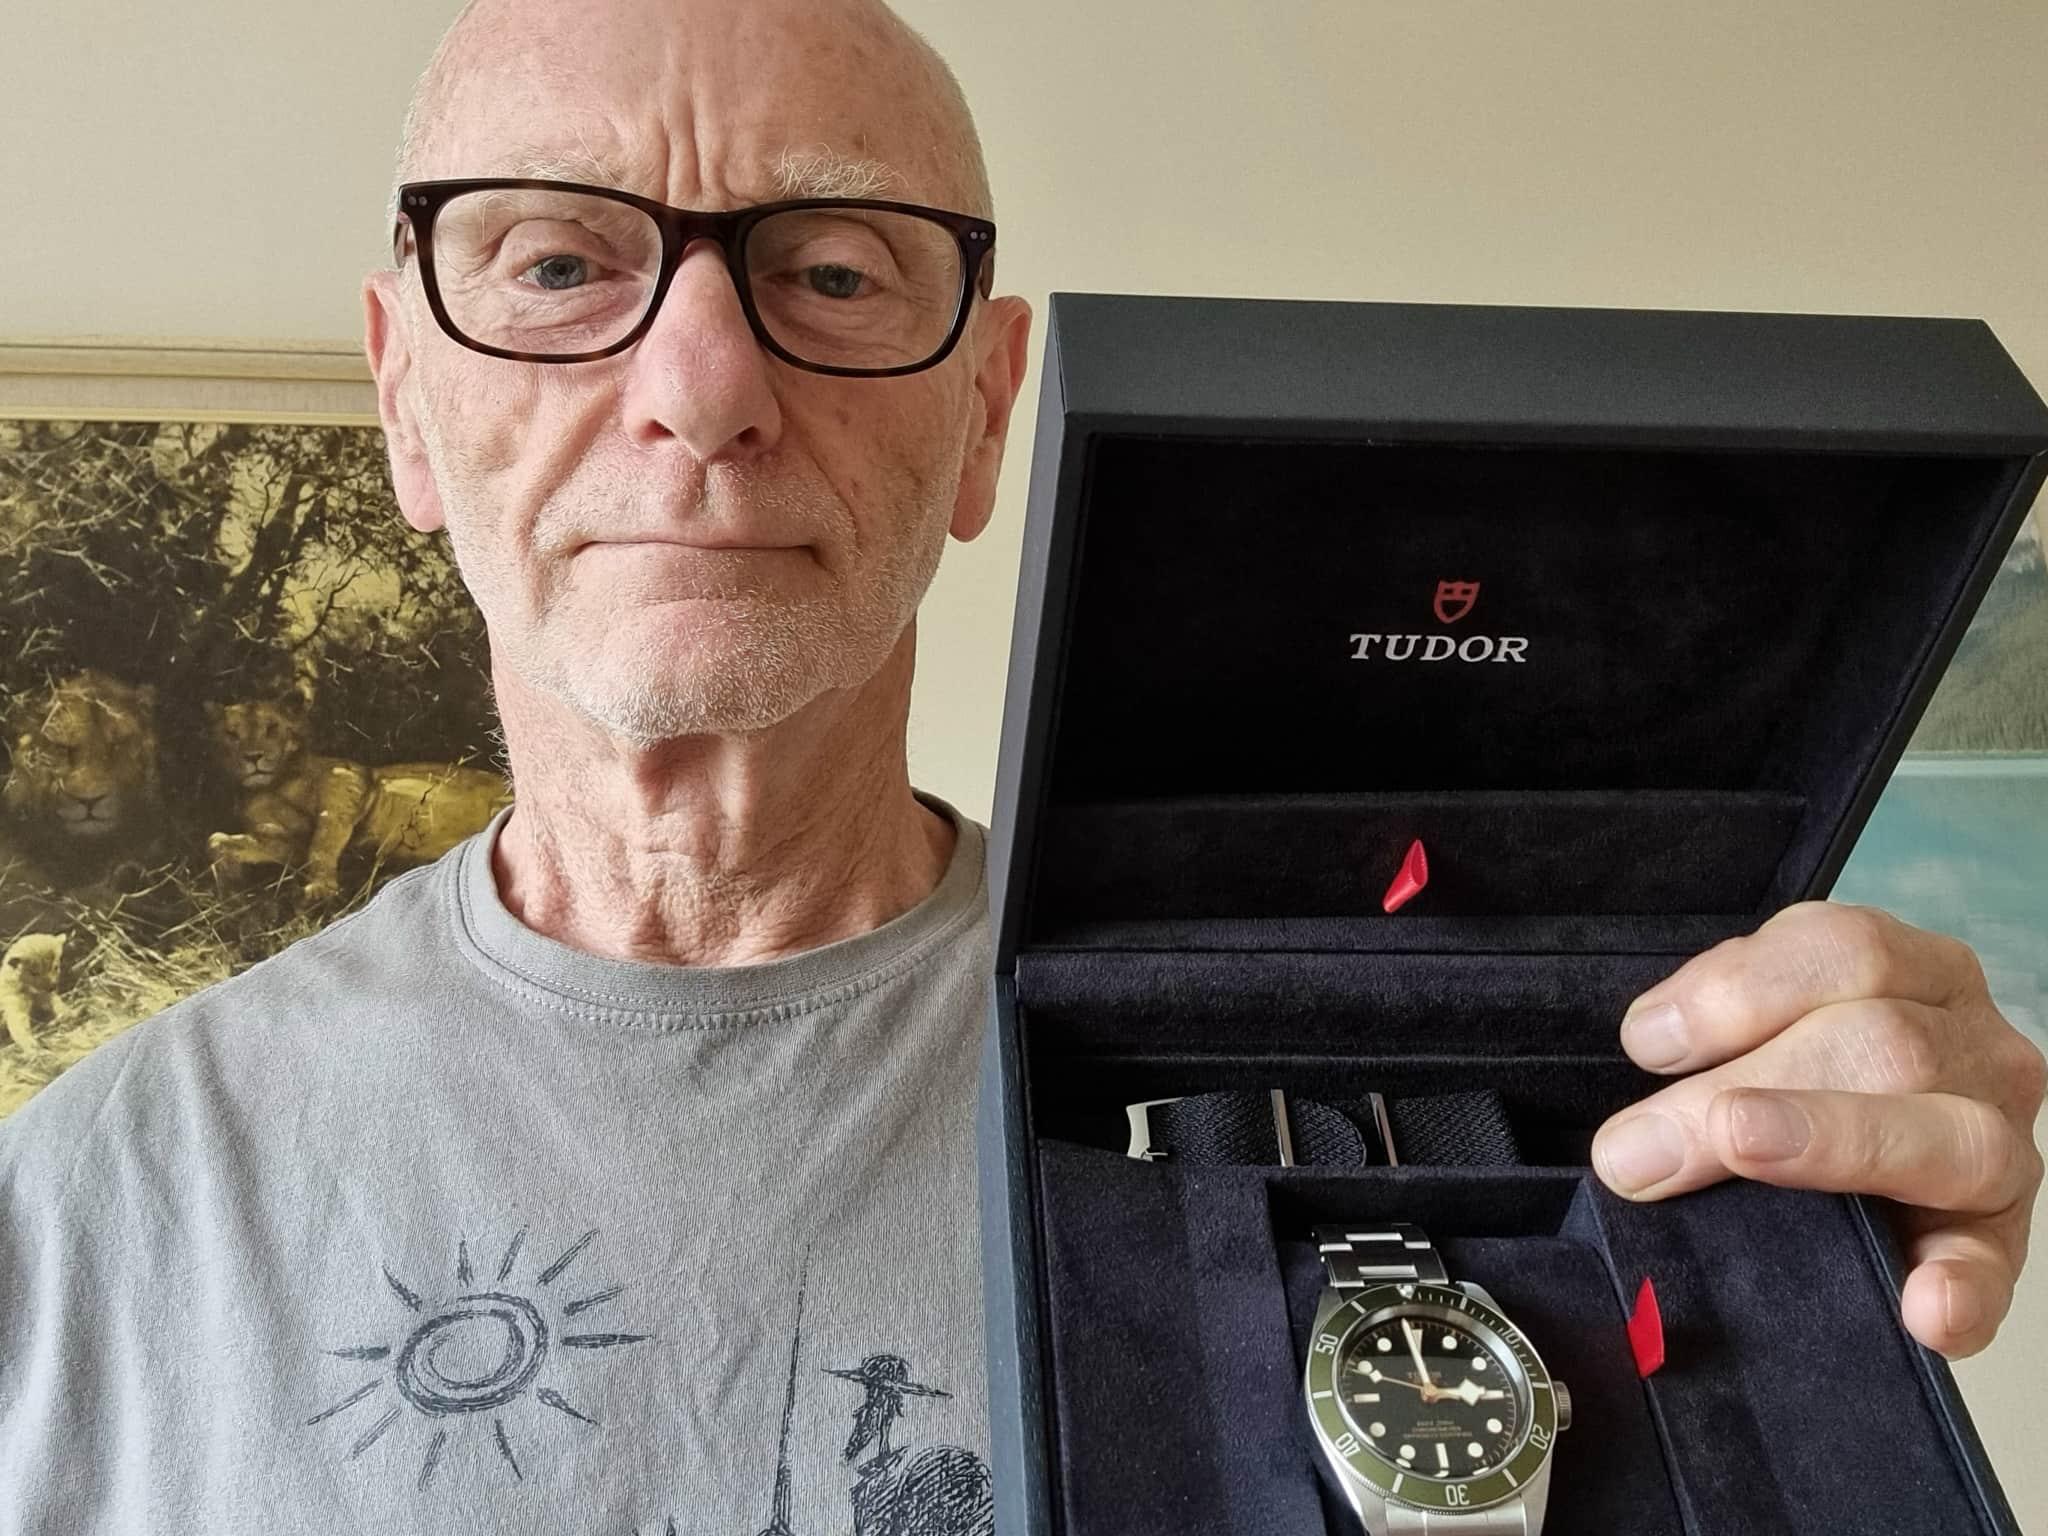 Winner Stewart Bragg of a Tudor Harrods Watch - 12th July